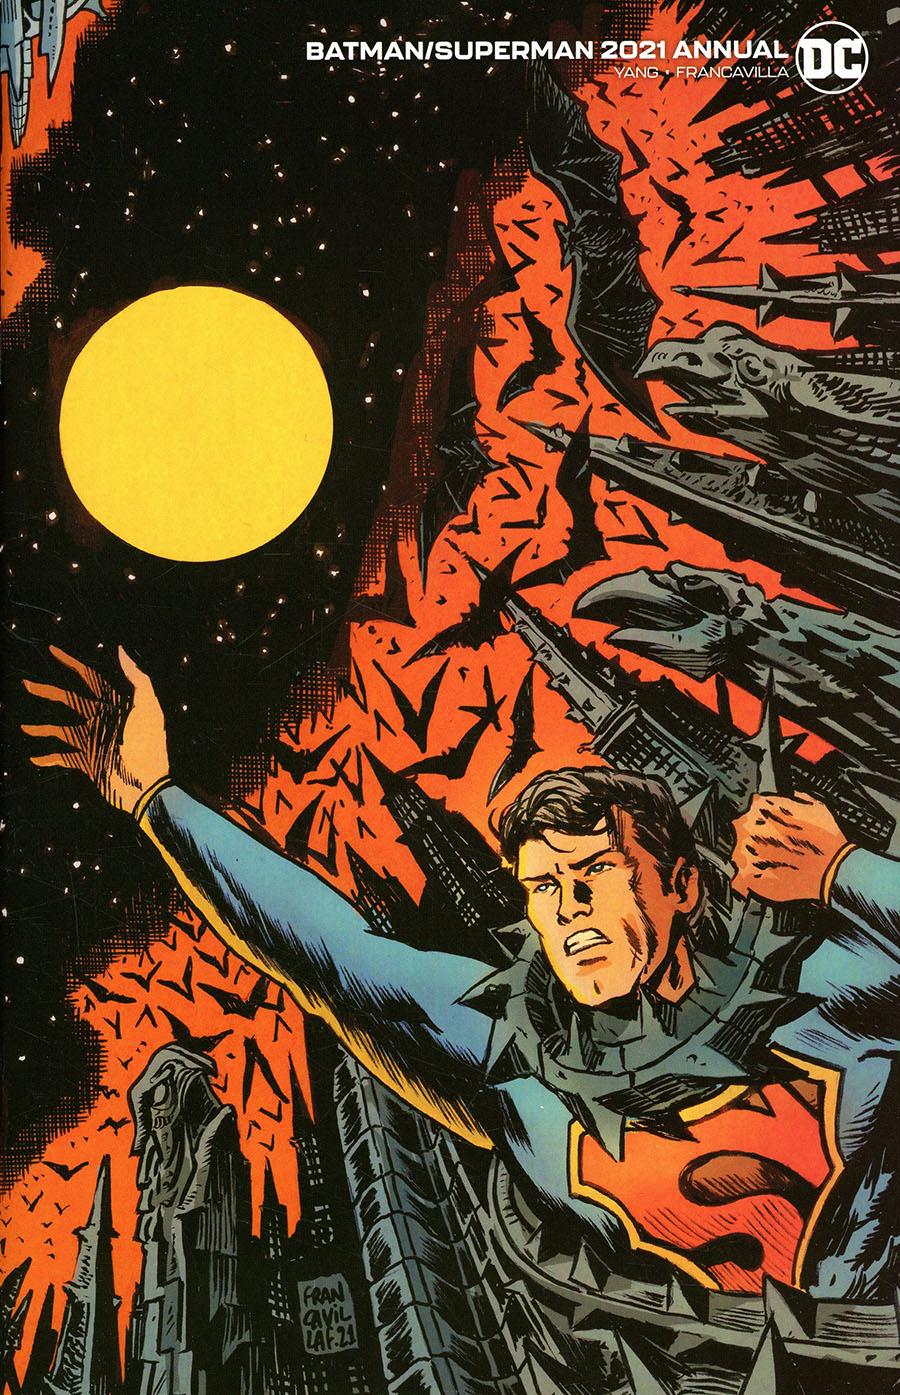 Batman Superman Vol 2 2021 Annual #1 Cover B Variant Francesco Francavilla Connected Flip Card Stock Cover